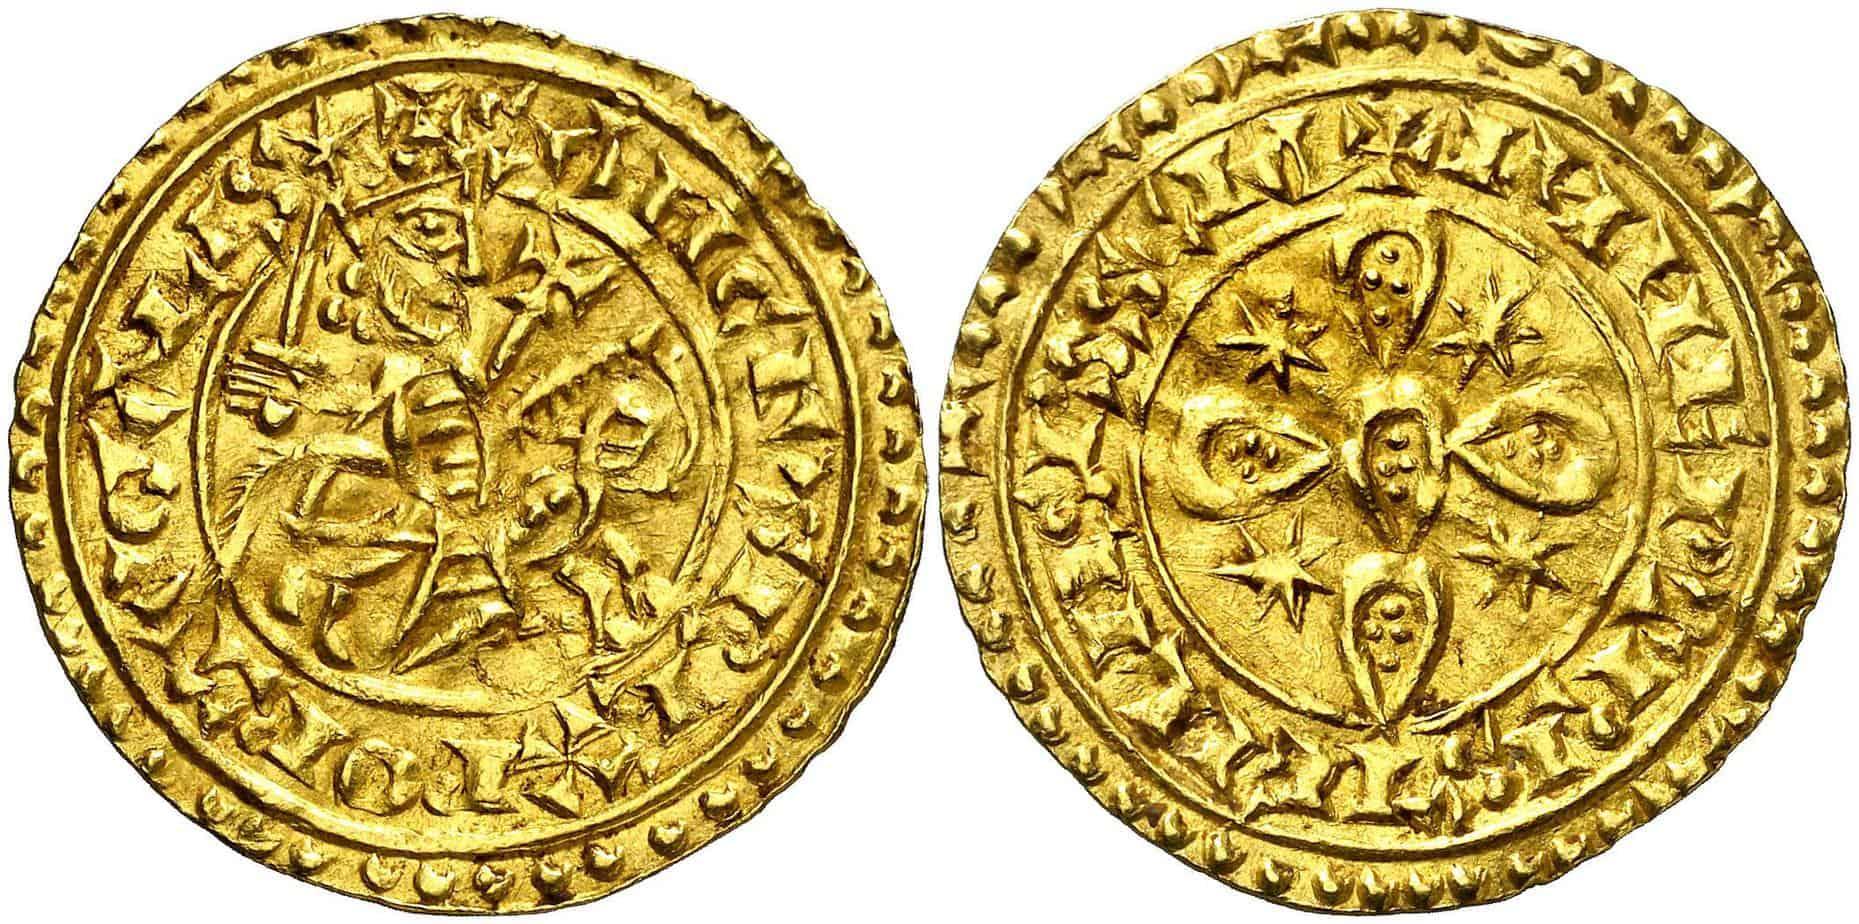 Morabetino de Sancho I de Portugal